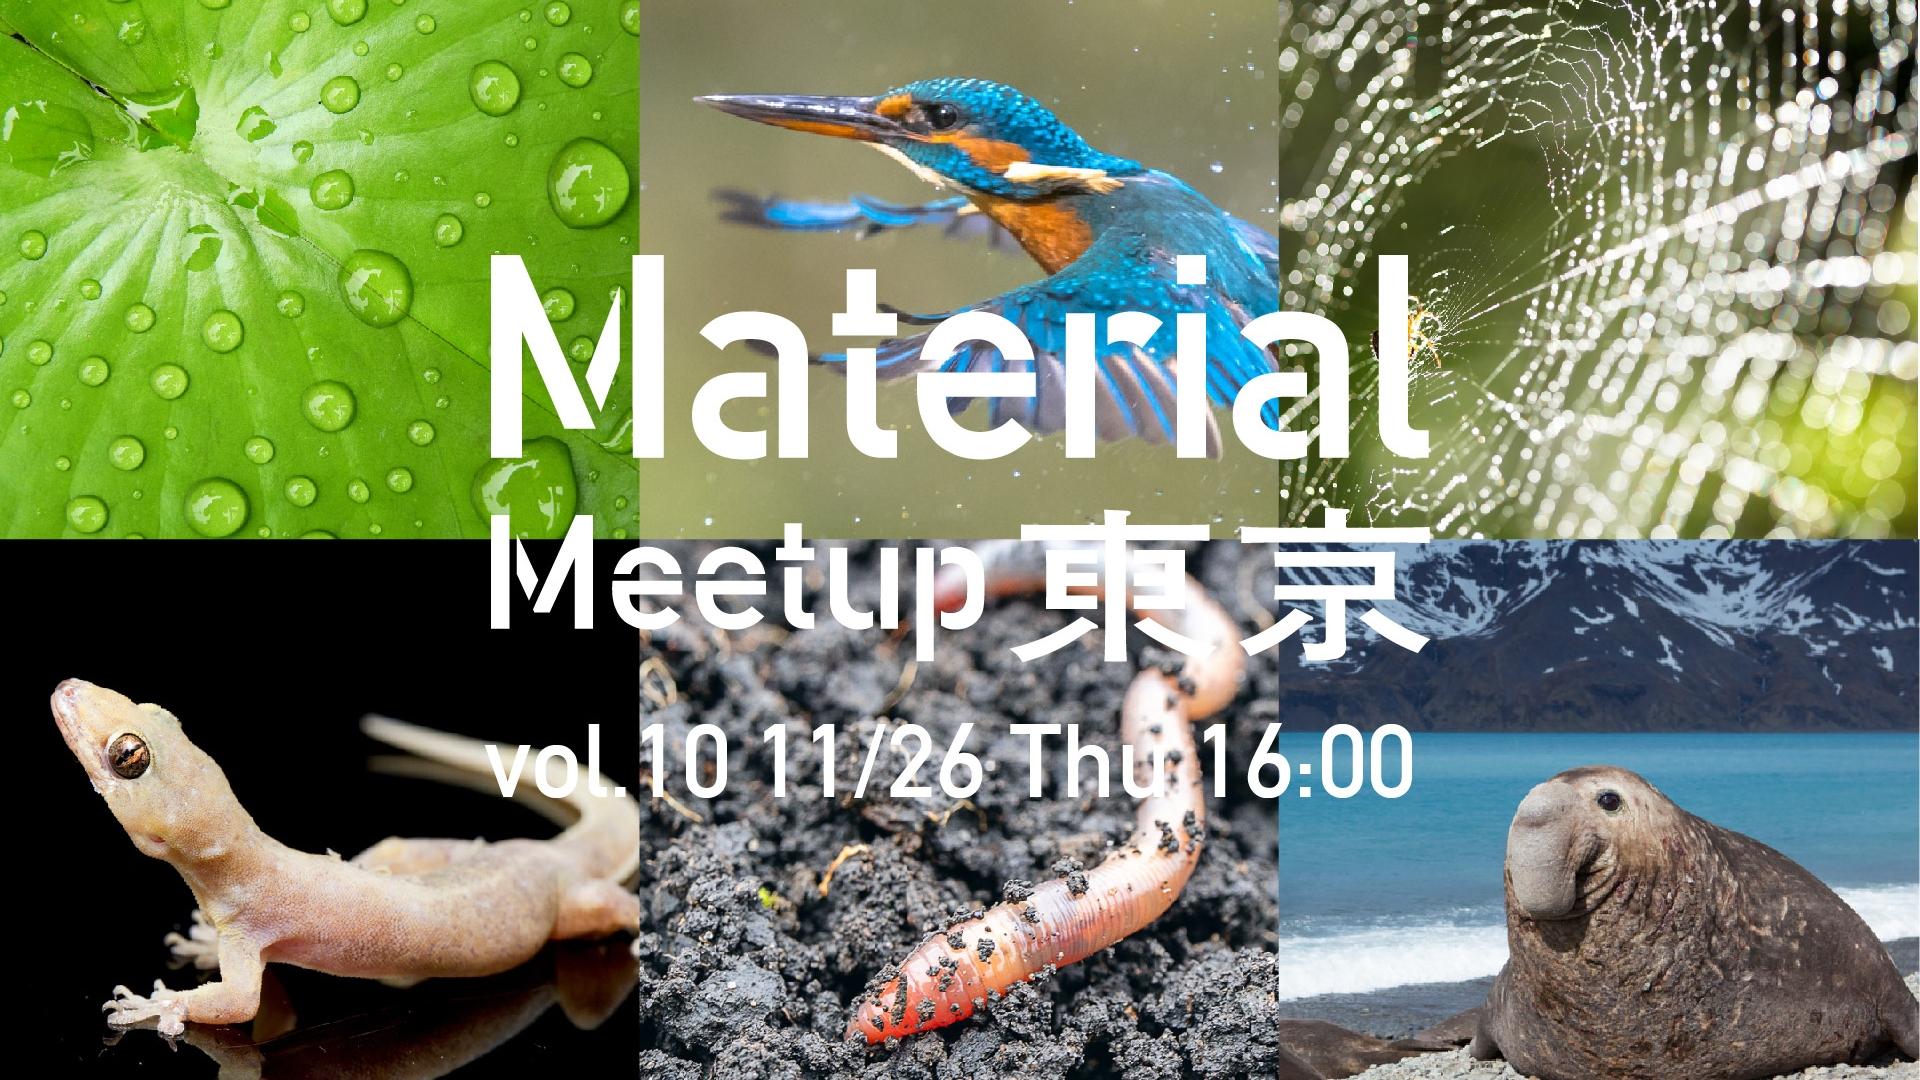 【オンライン開催】Material Meetup TOKYO vol.10「バイオミメティクス」